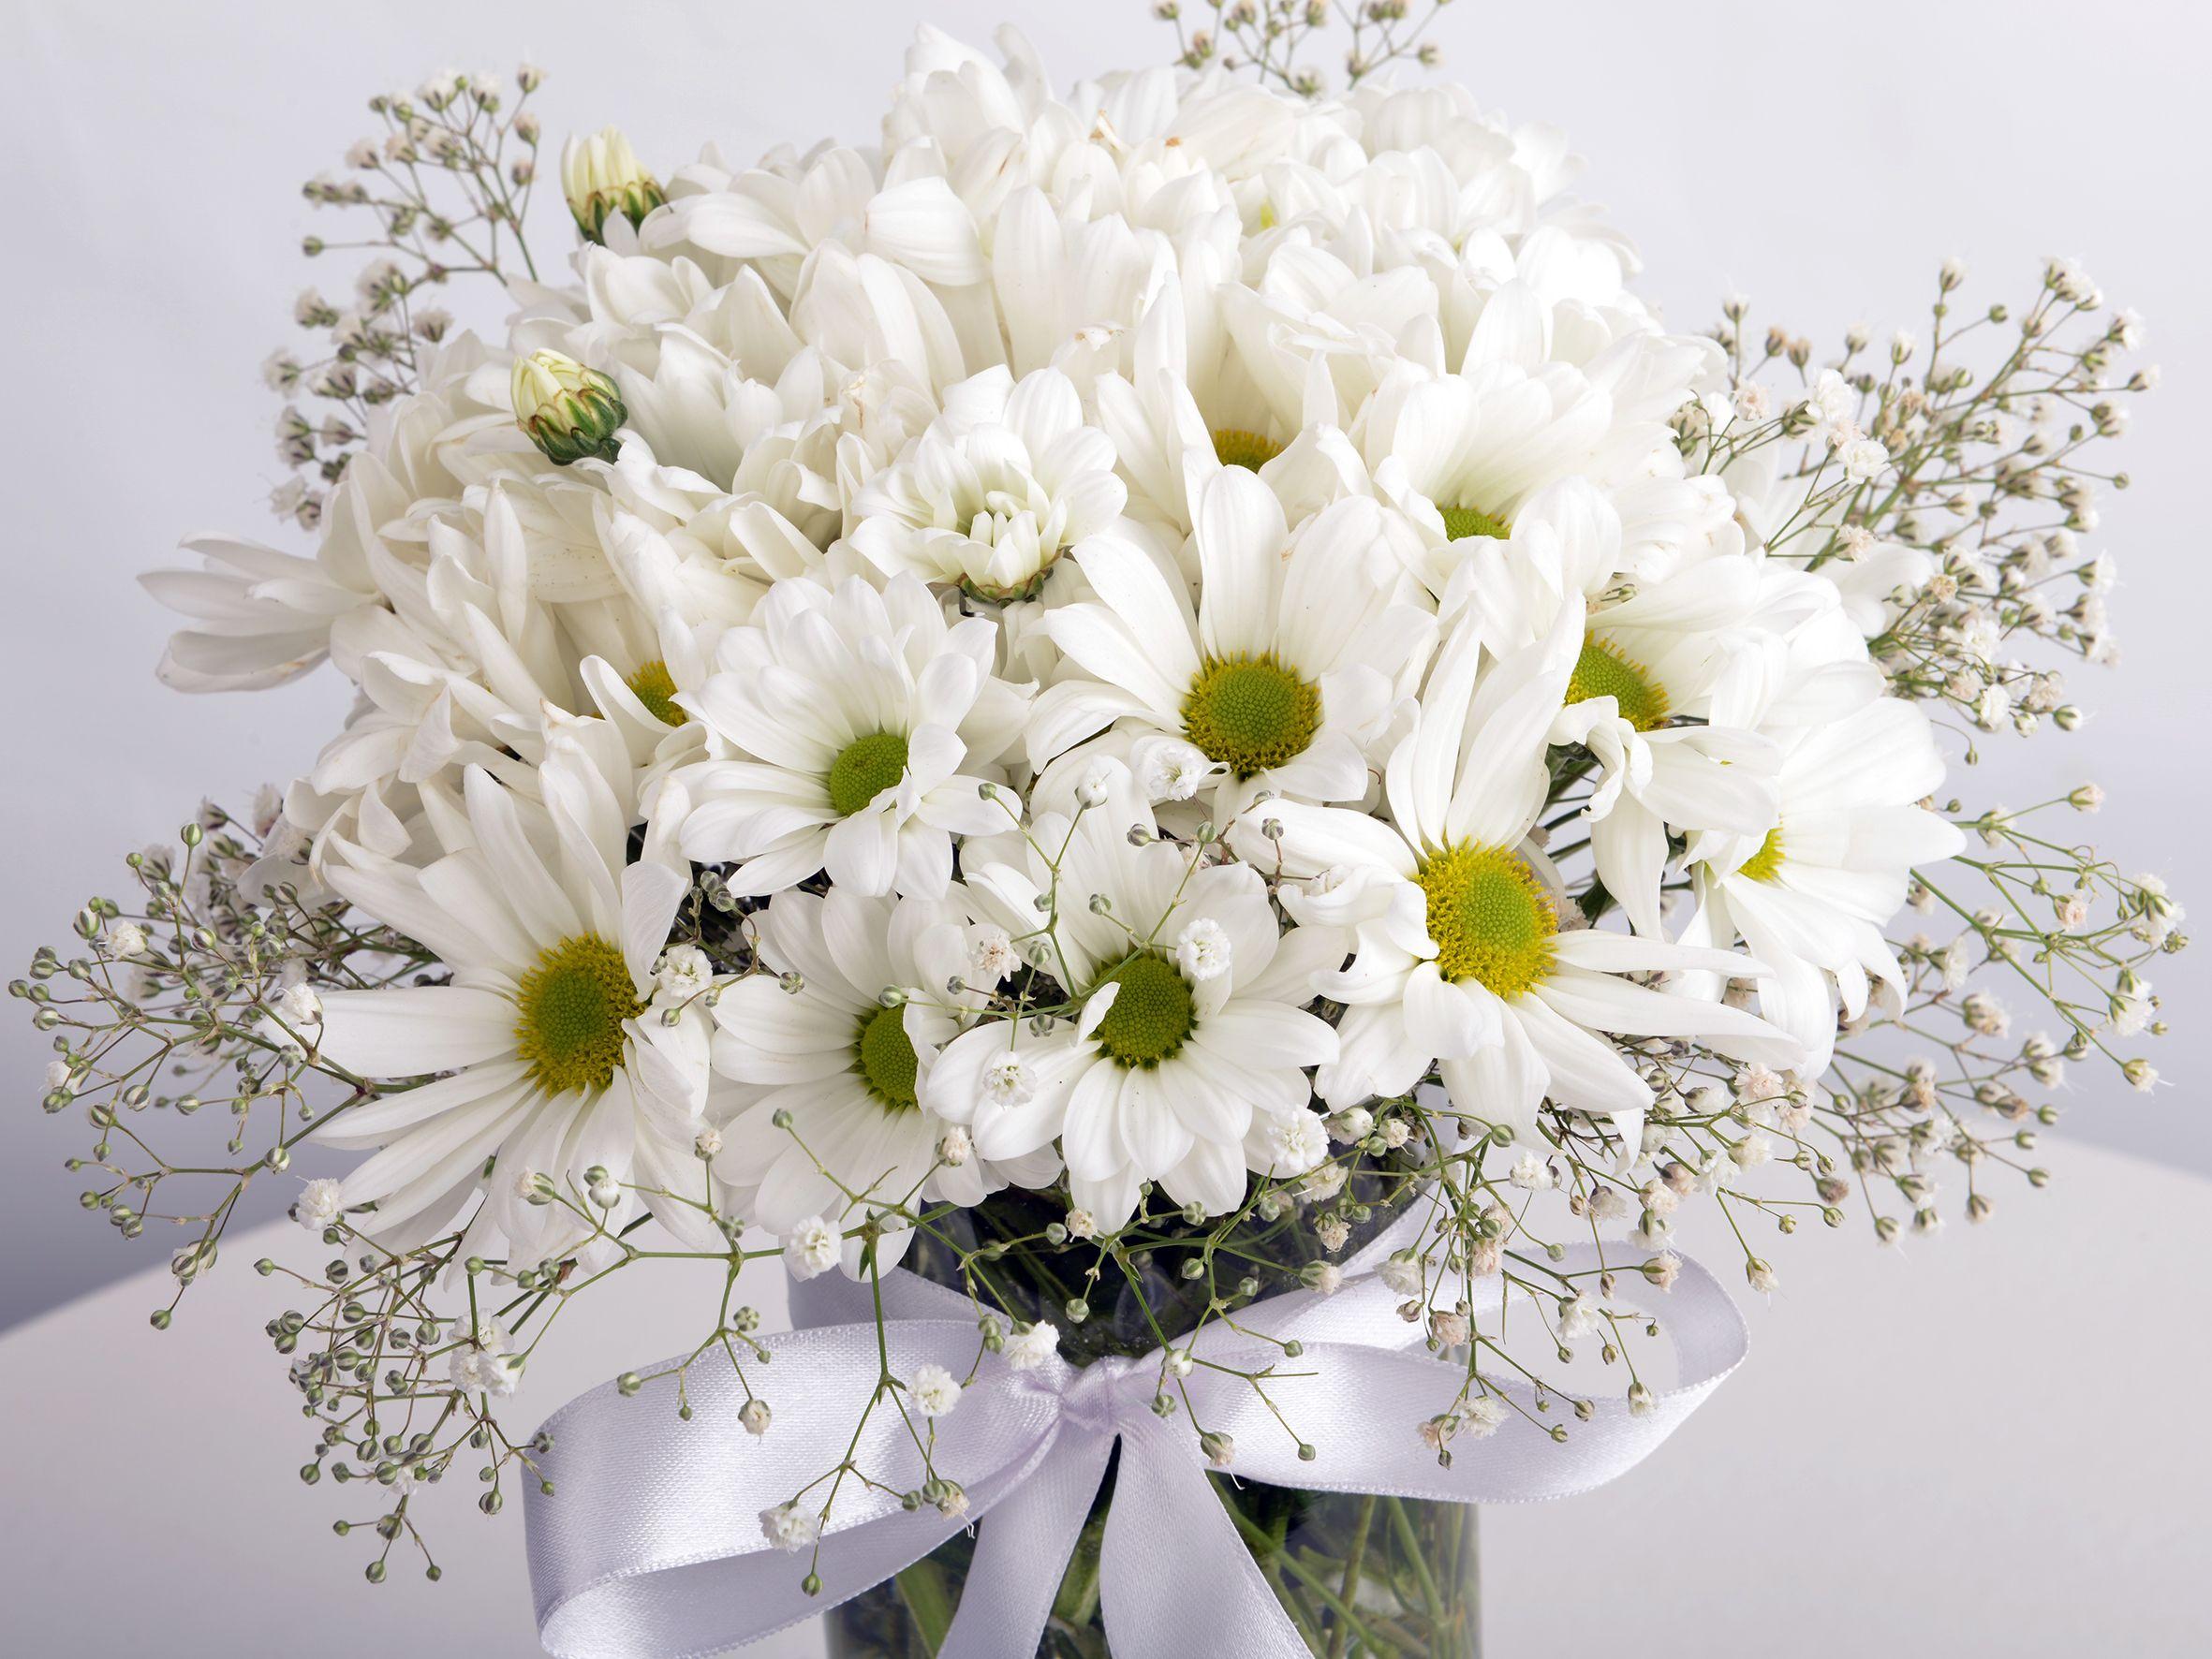 Papatya Küresi Aranjmanlar çiçek gönder